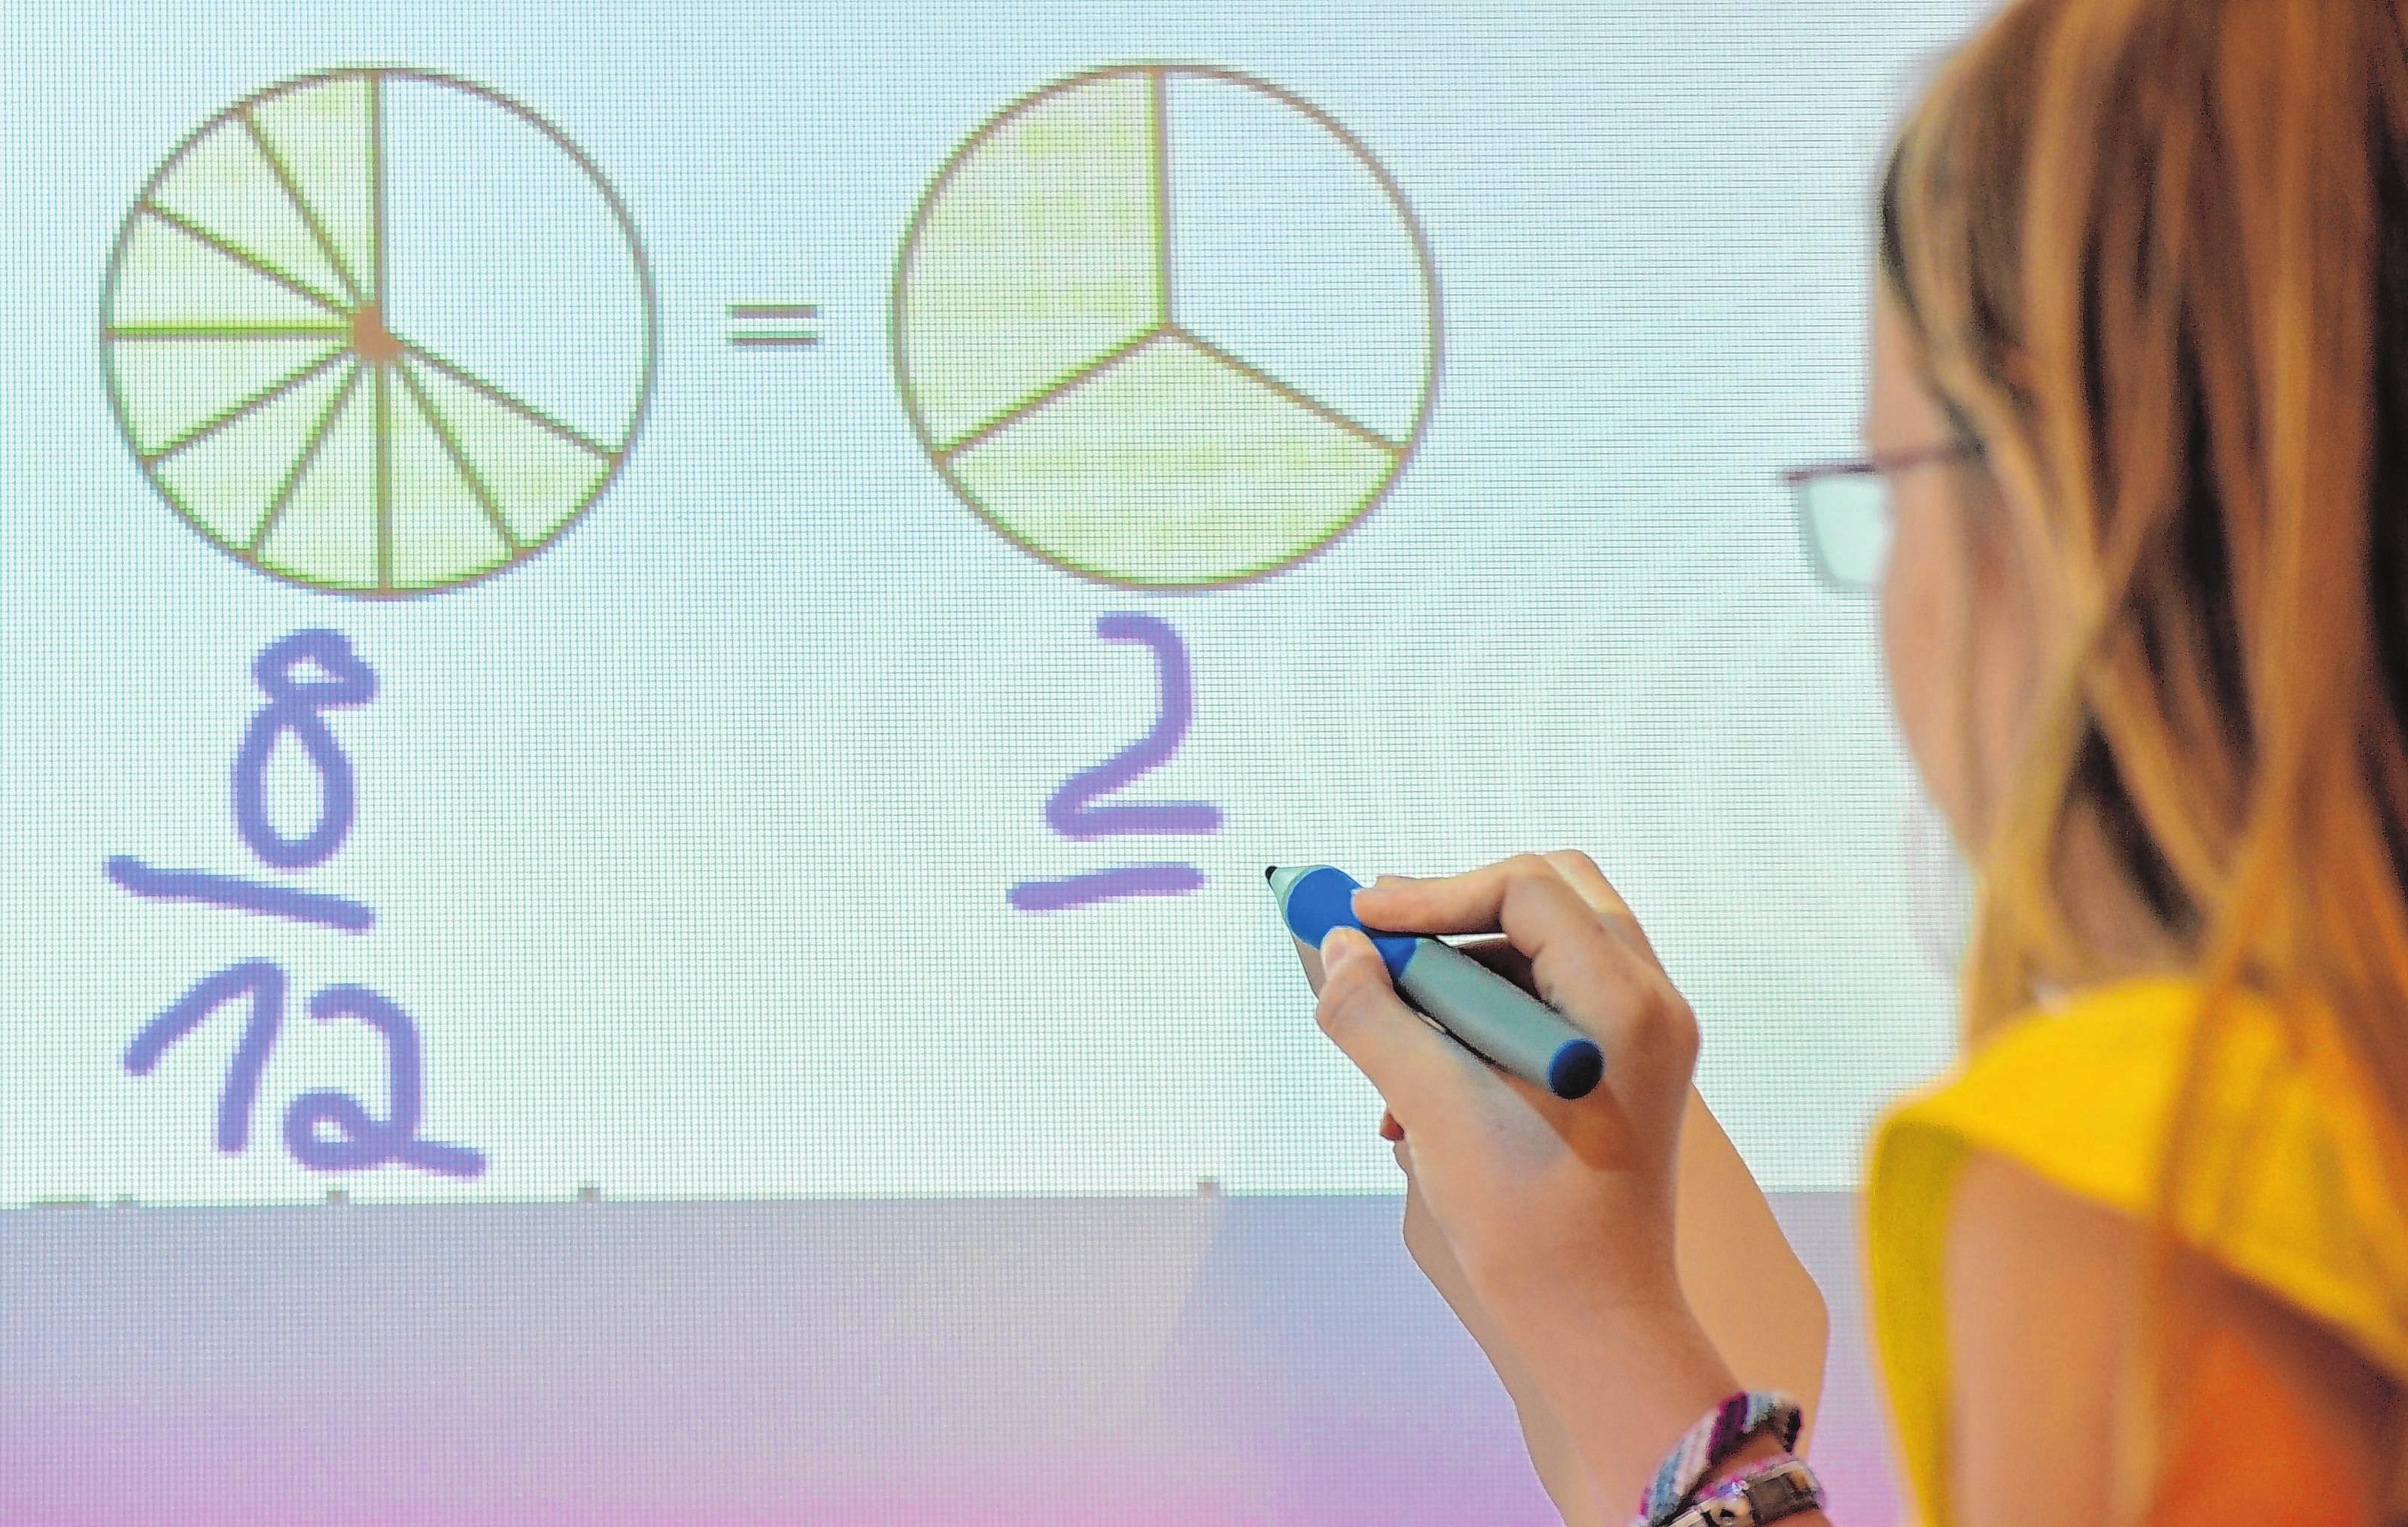 Lernen ist ein Job - so sieht es die Allianz und bietet eine Berufsunfähigkeits- Absicherung für Schüler an. Foto: archiv